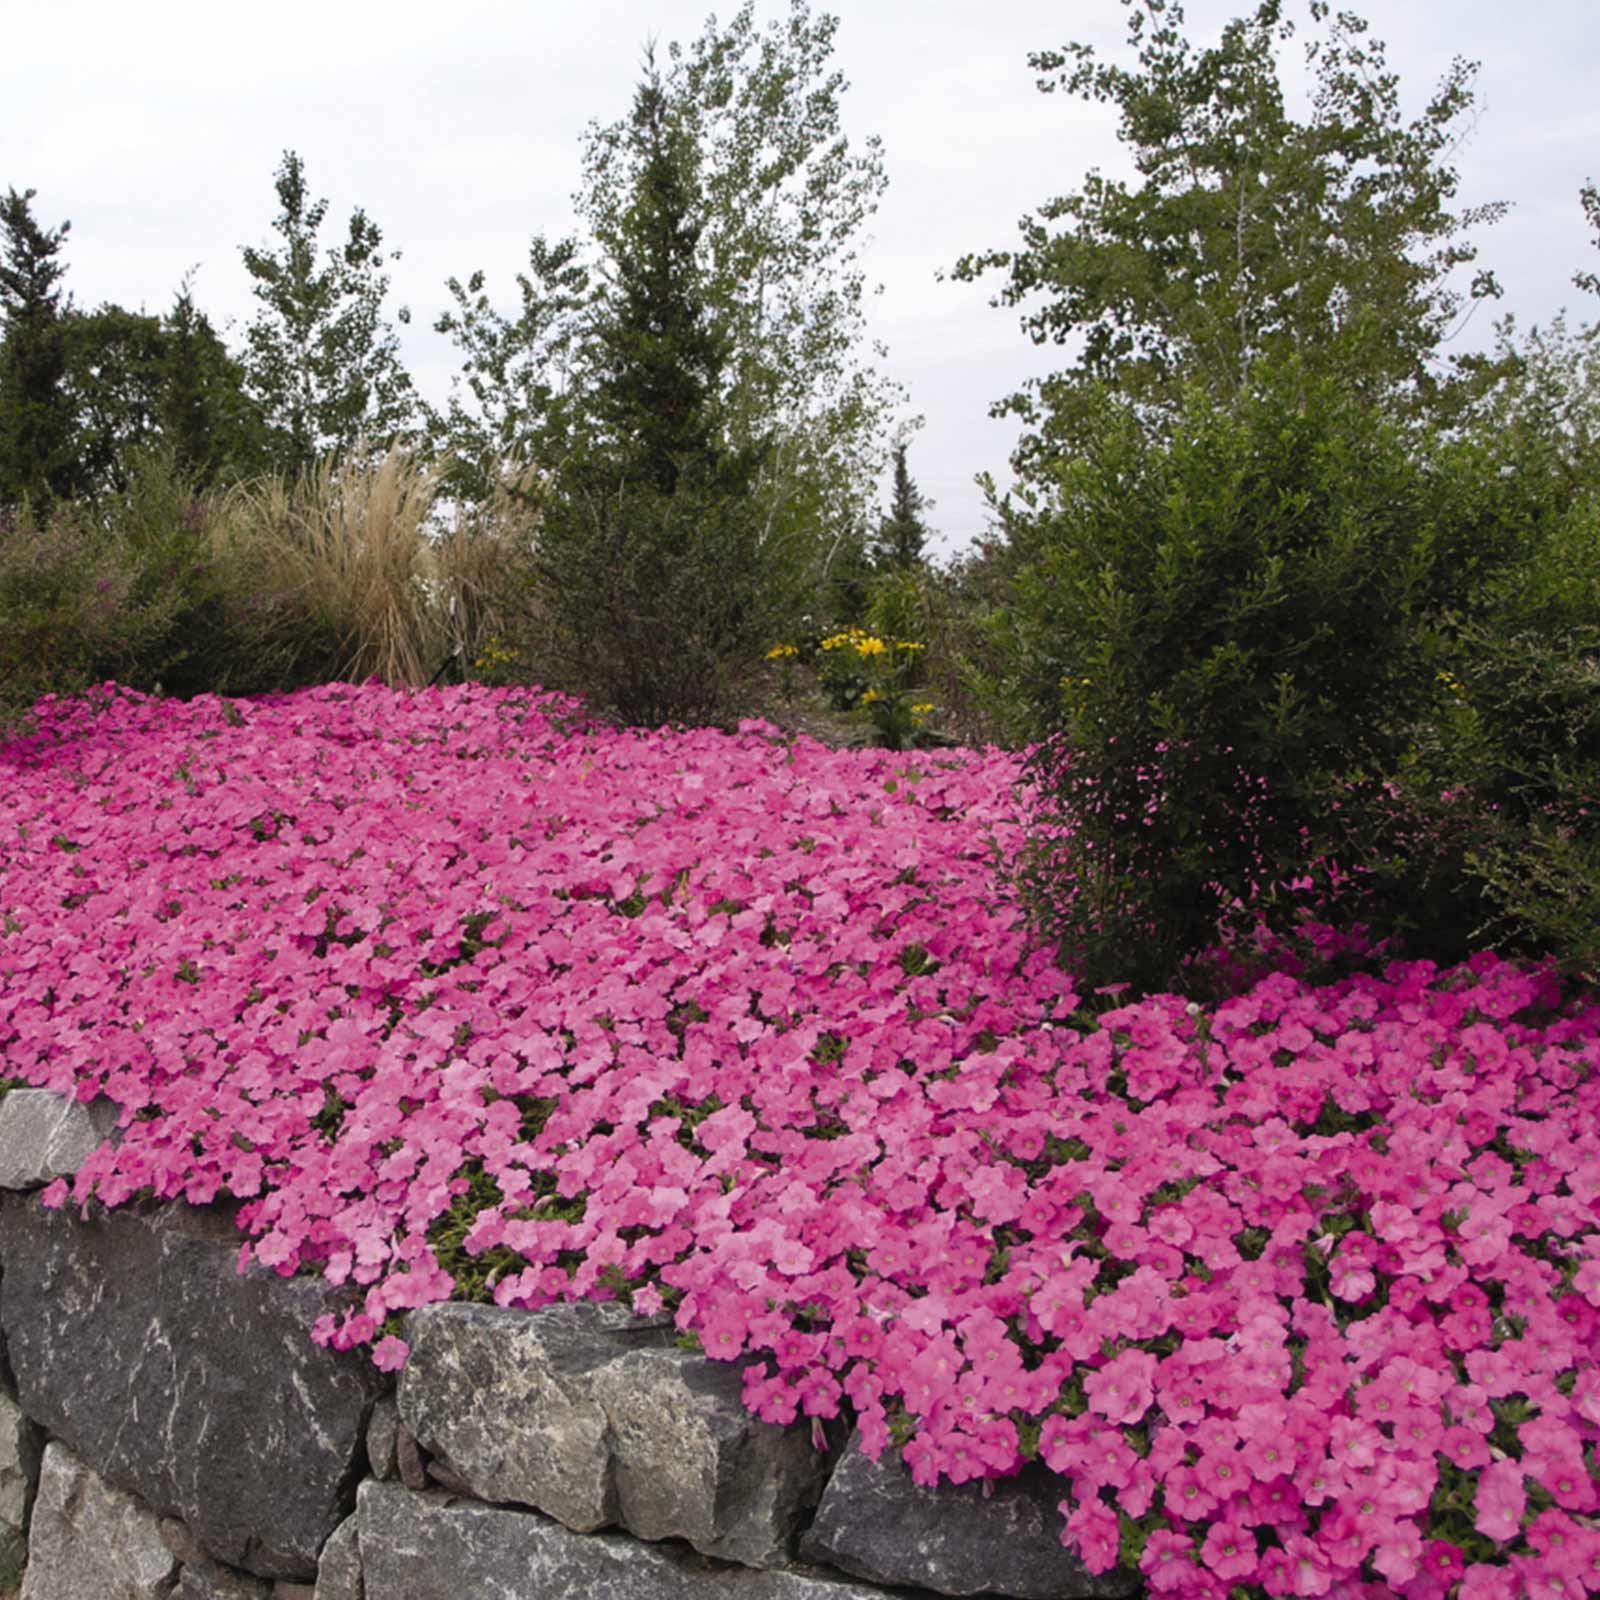 Petunia - Wave Series Flower Garden Seed - 100 Pelleted Seeds - Lavendar Blooms - Annual Flowers - Wave Petunia Seeds - Spreading Petunias